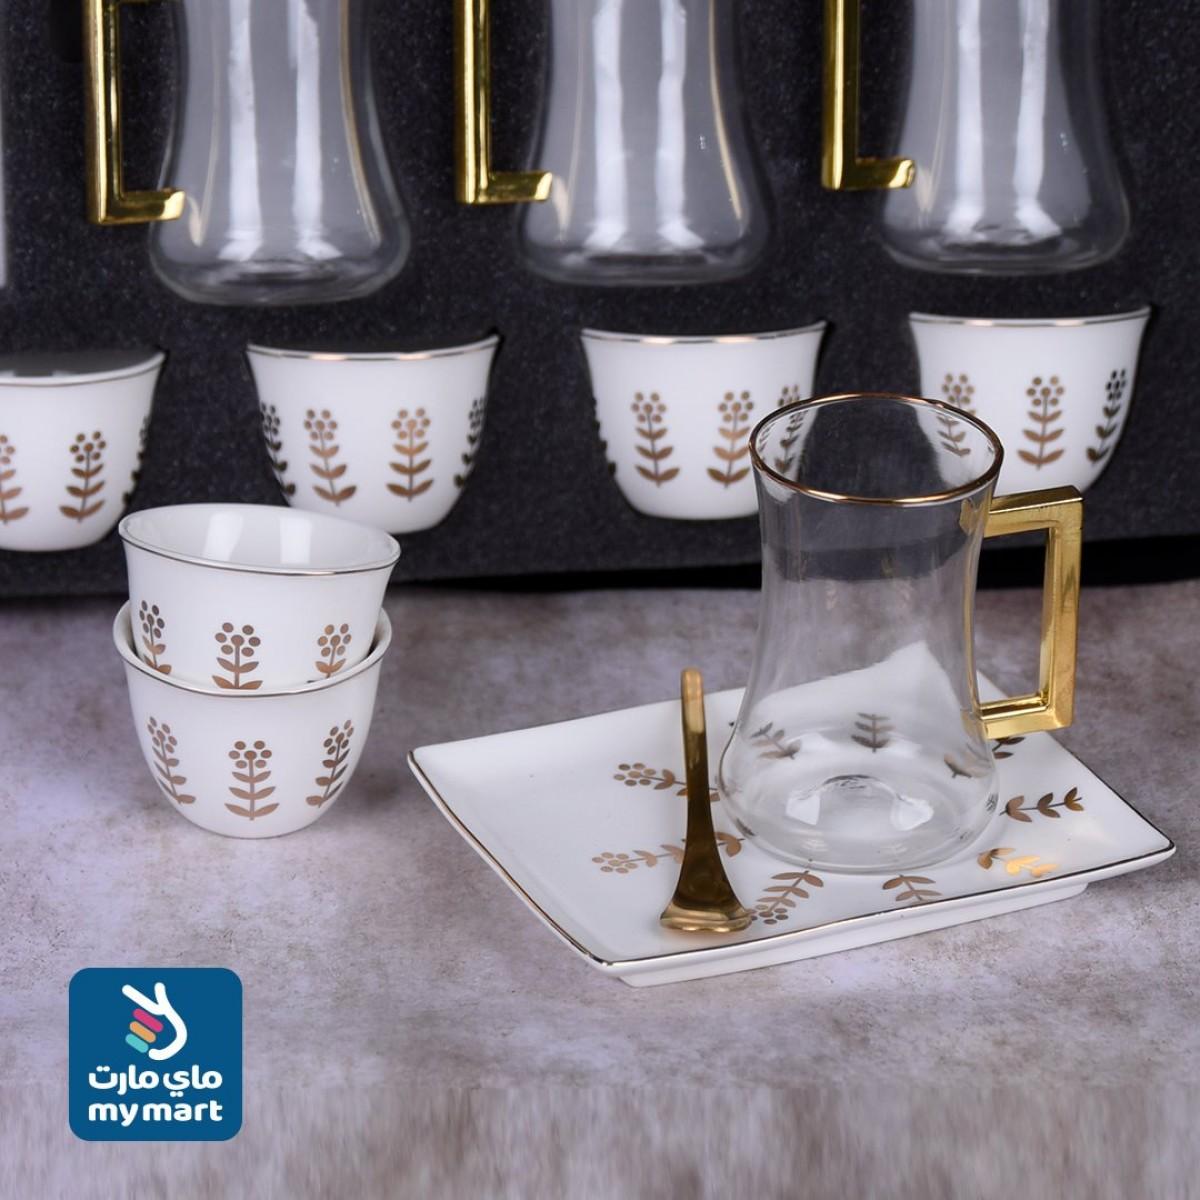 طقم فناجين قهوة وبيالات شاي مع الصحون - 24 قطعة